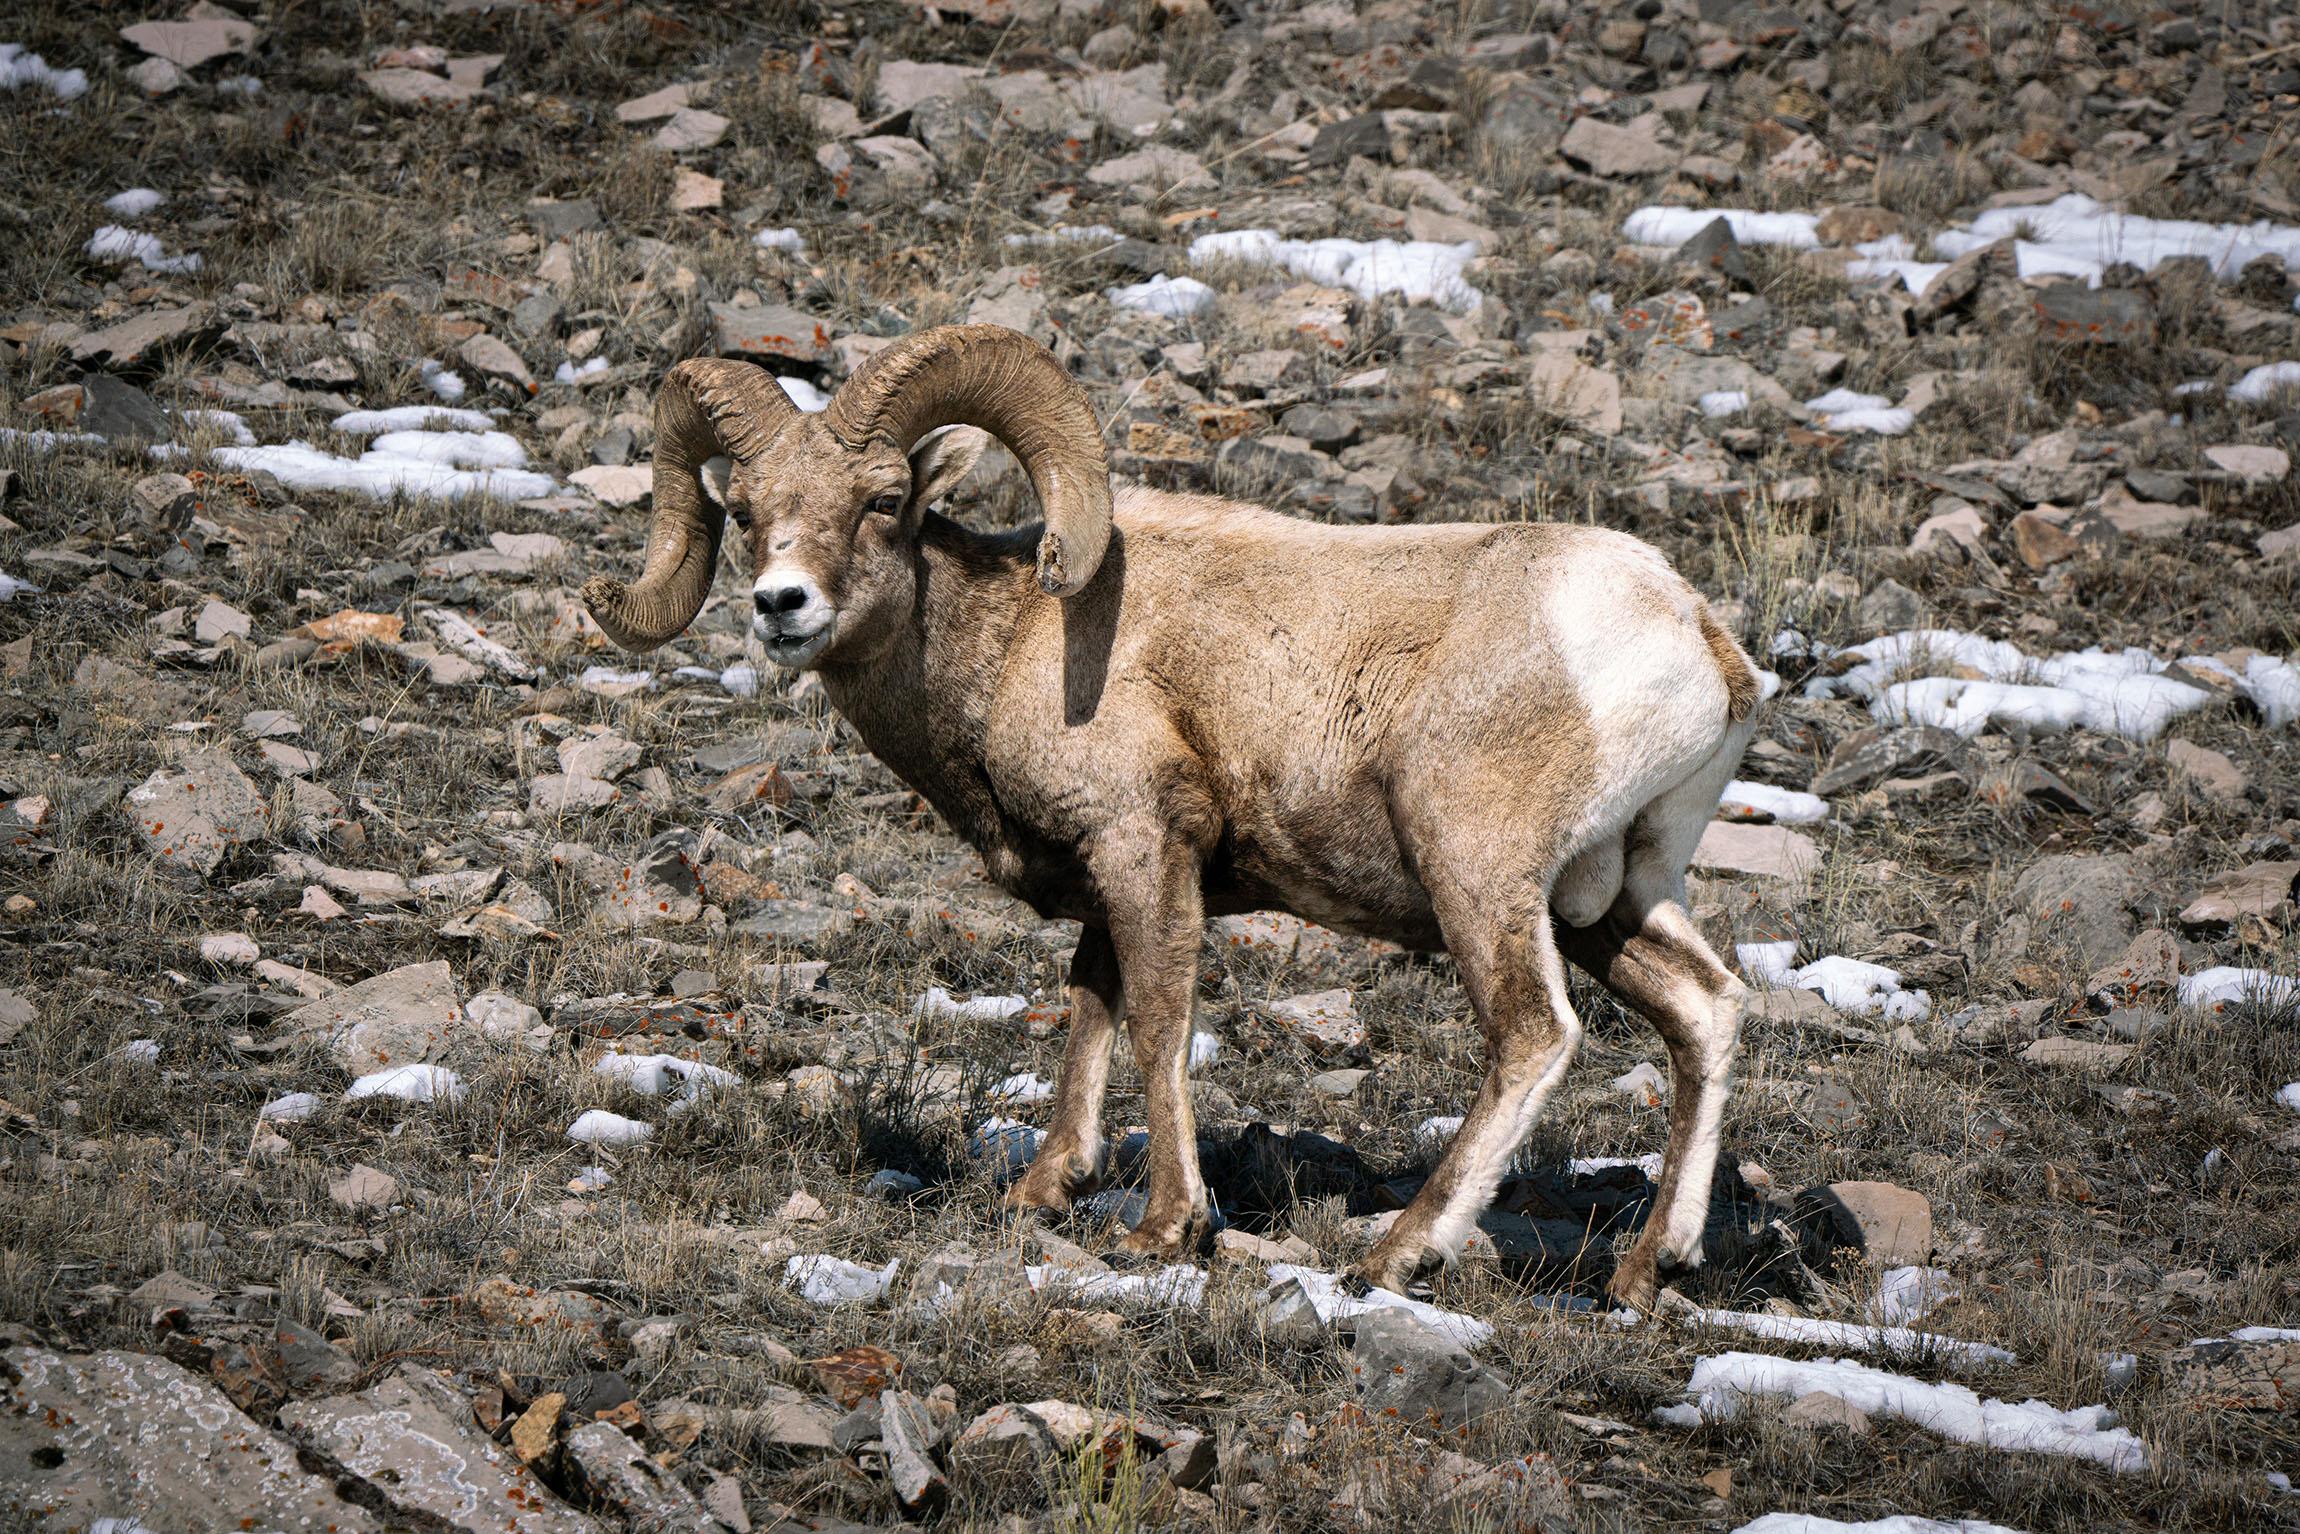 #bighornedsheep, #ram, #sheep, #wyoming, #wildlife, #wildlifephotography, #nature, #elkrefuge, #jacksonhole, #family, #horns, #nationalpark, #gtnp, #grandtetonnationalpark